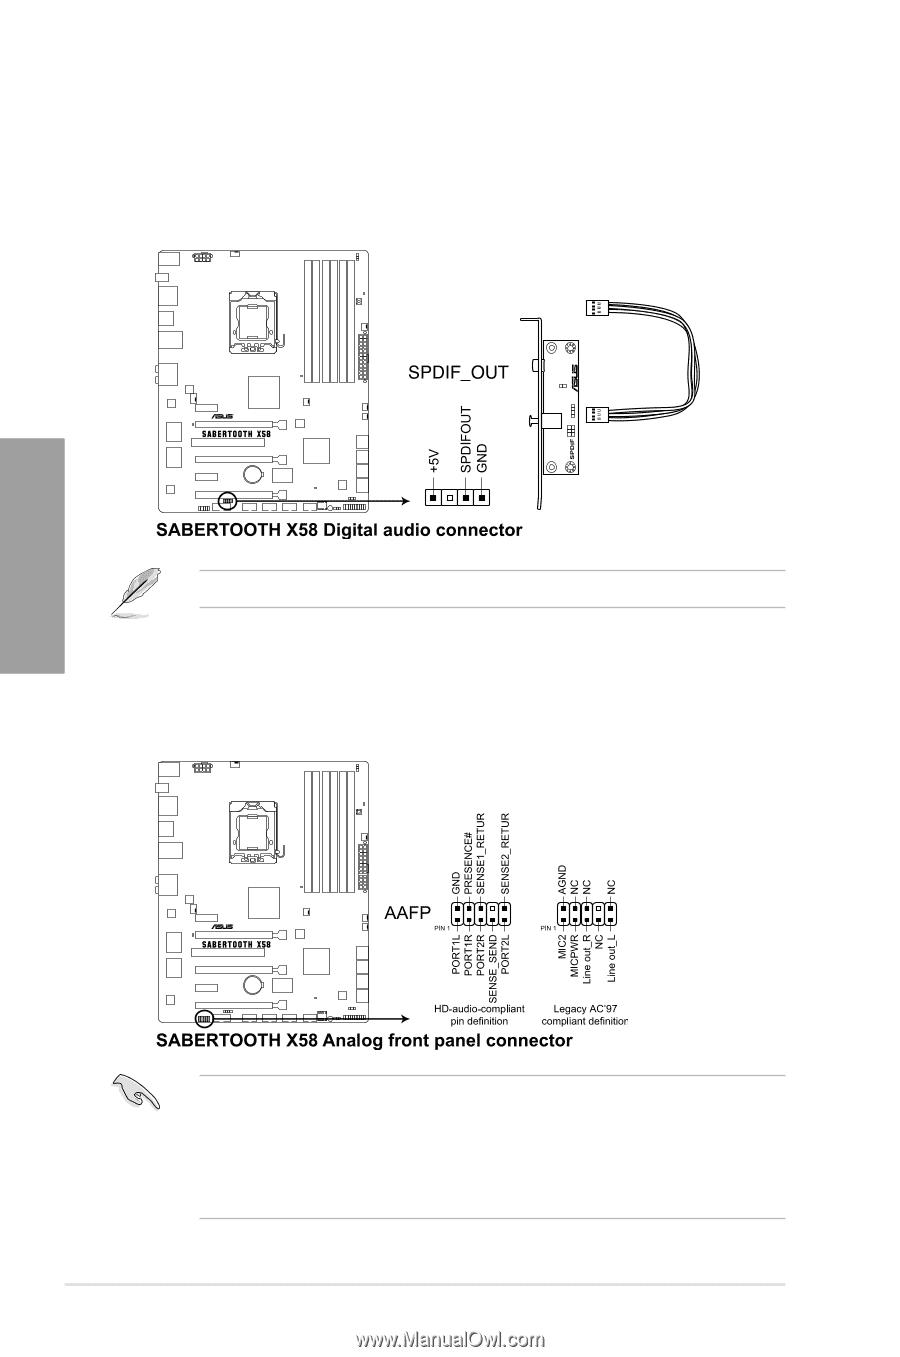 Asus Sabertooth X58 JMicron JMB36X Controller Drivers for Windows 7